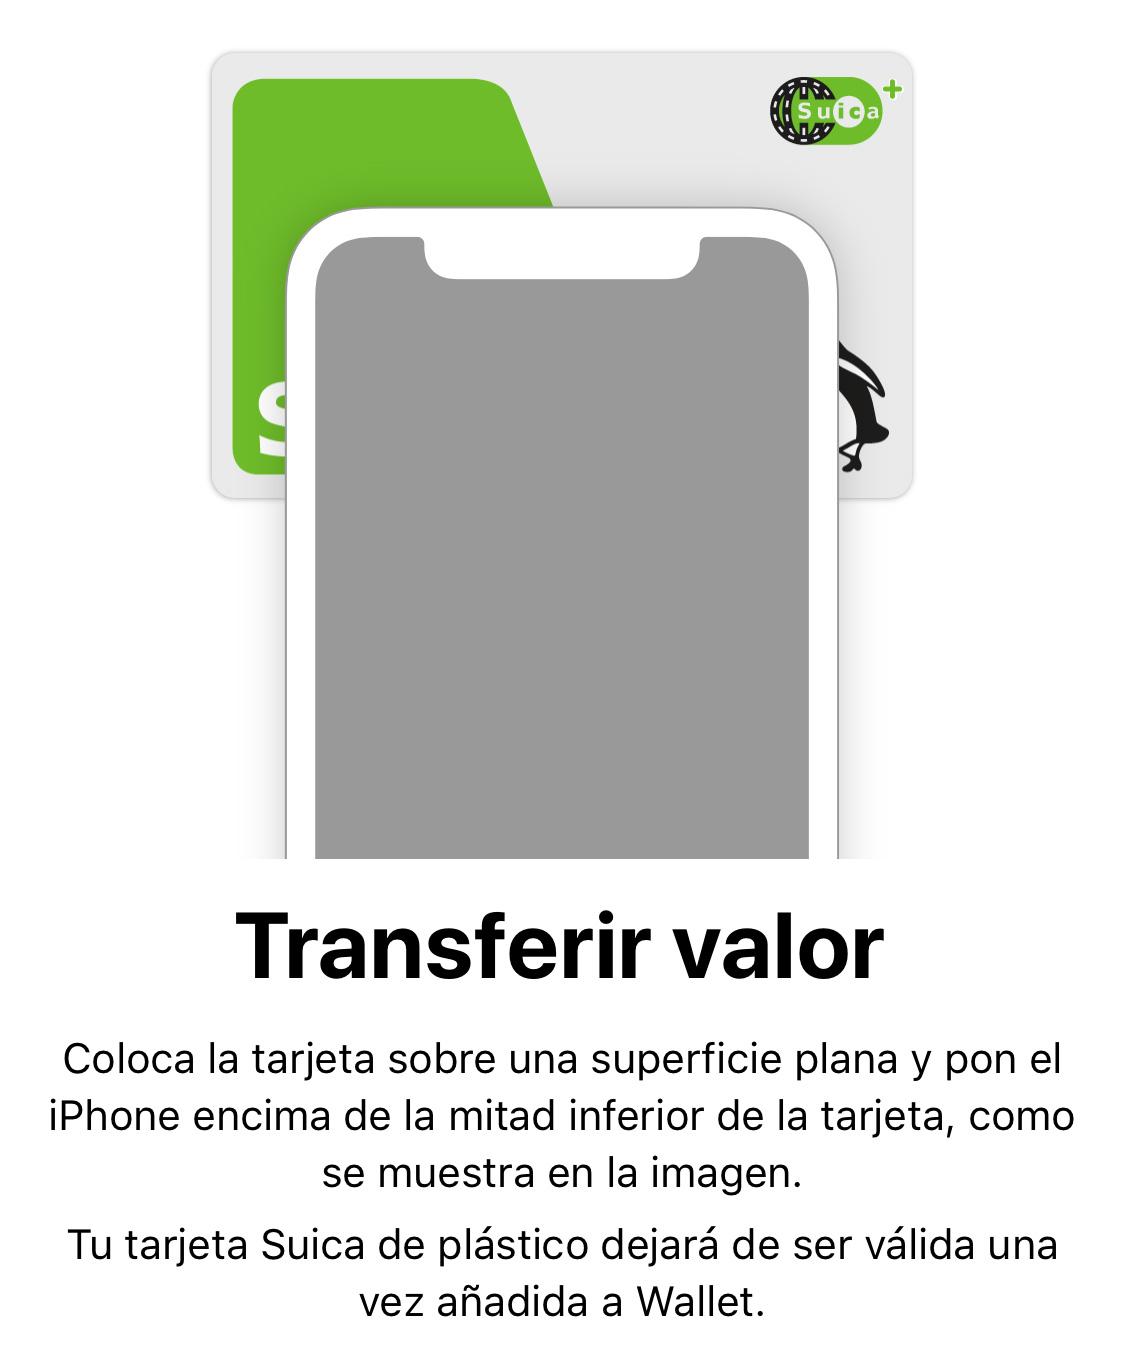 Poner el iPhone sobre la tarjeta Suica